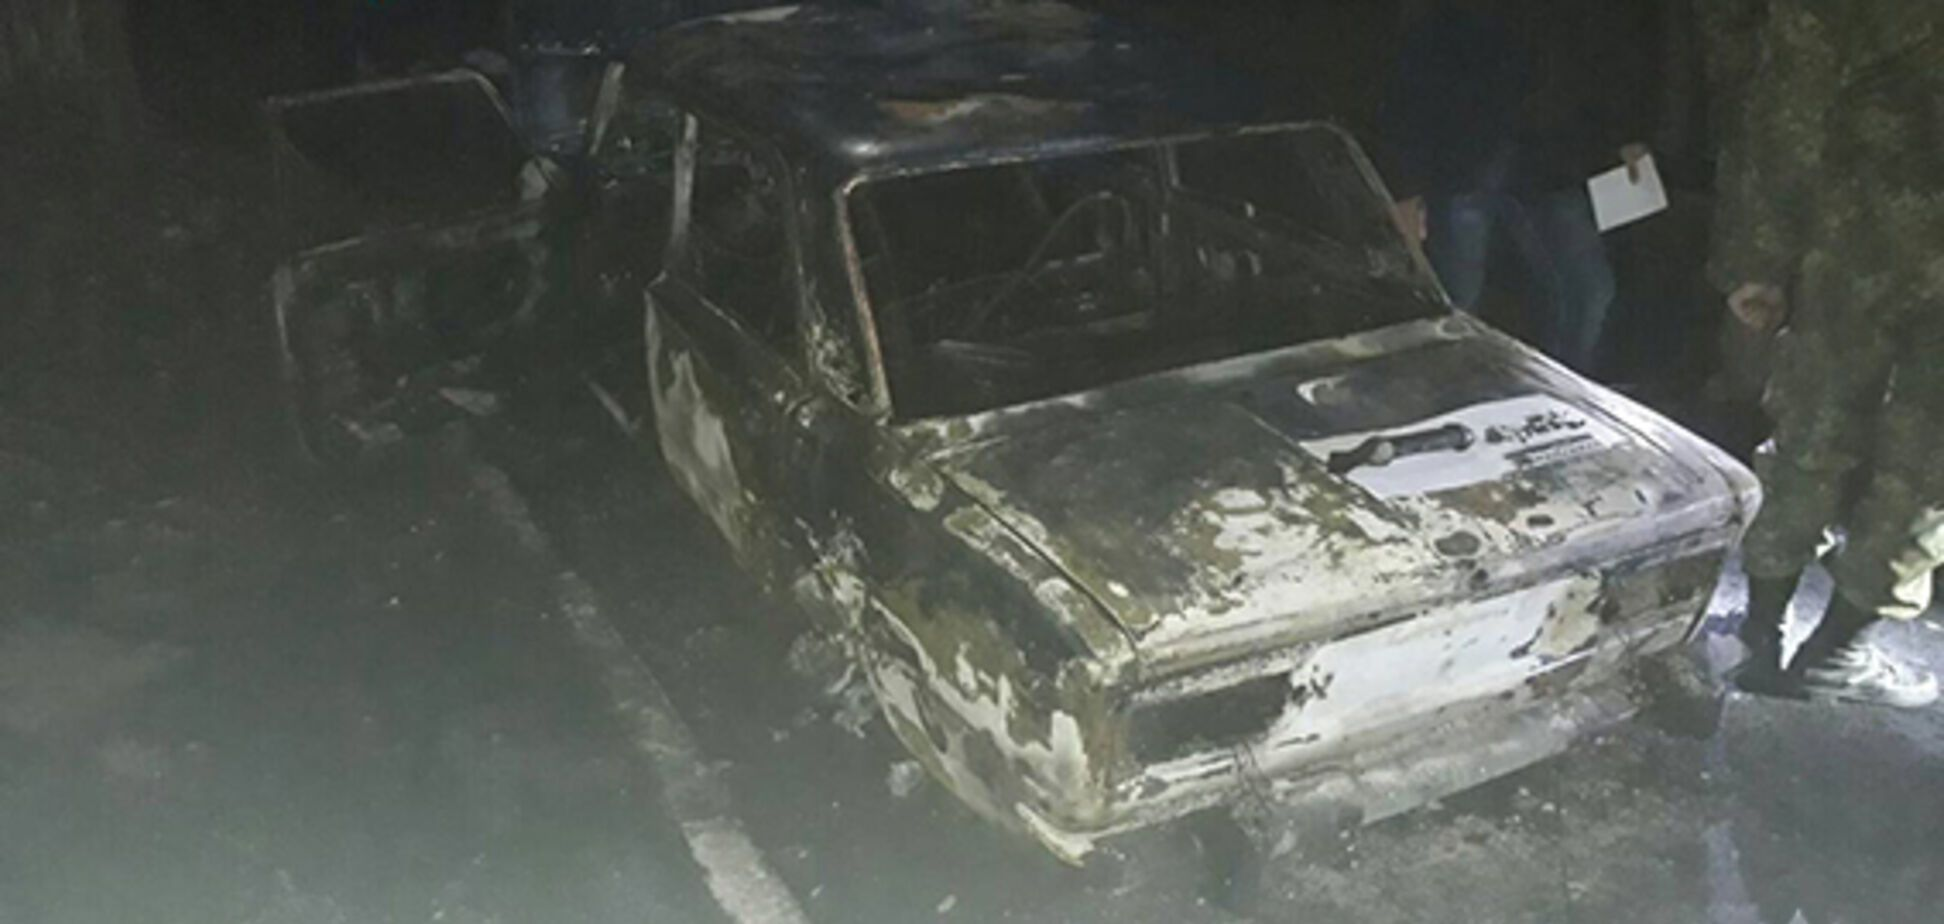 Авто полицейских обстреляли из гранатомета